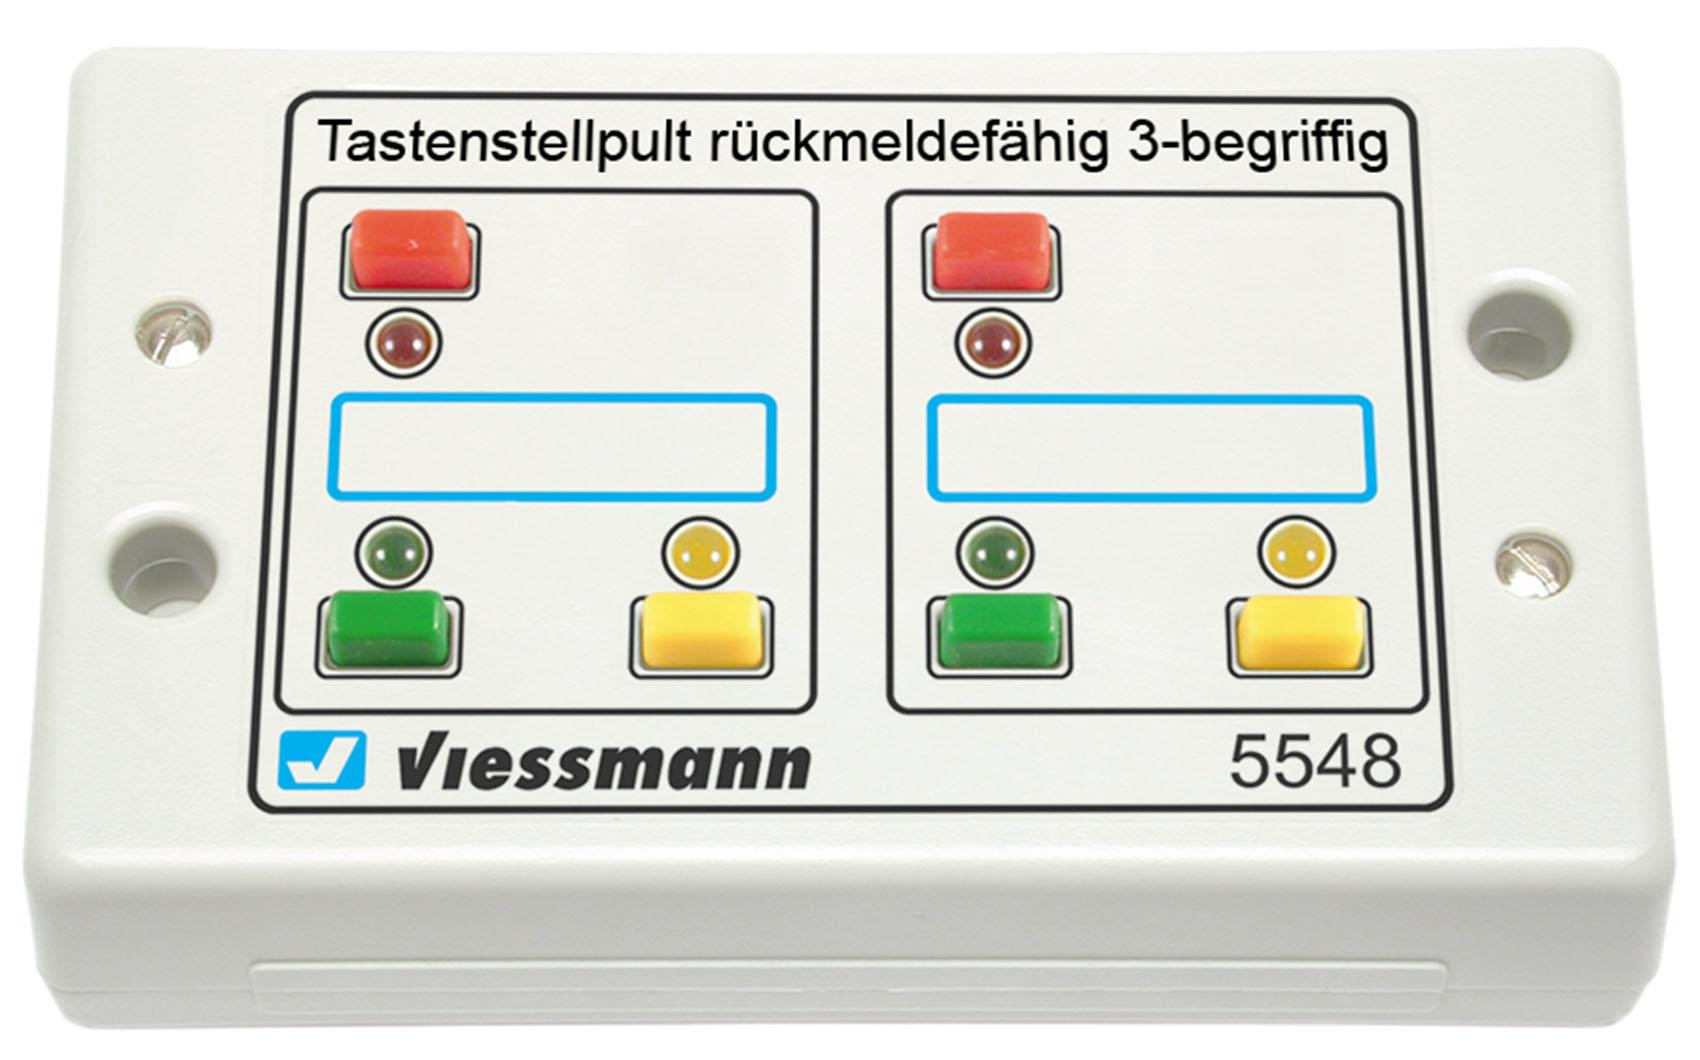 Viessmann 5548 Tasten-Stellpult, rückmeldefähig, 3-begriffig